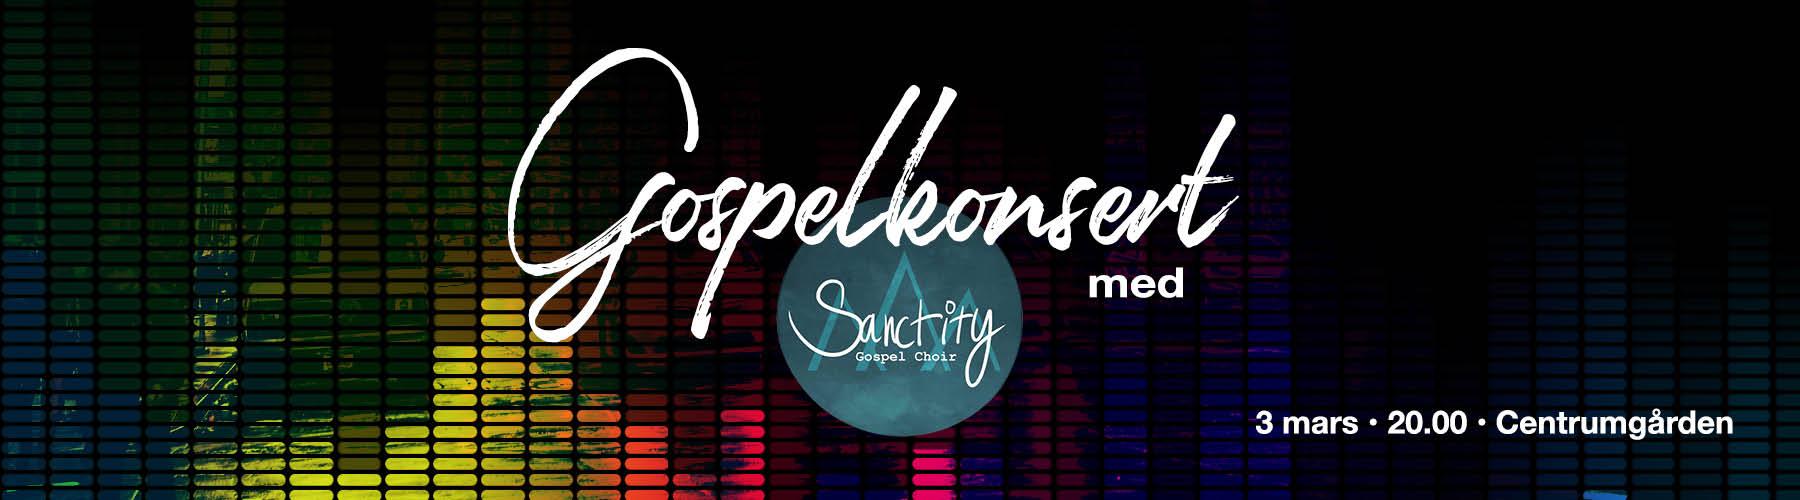 Gospelkonsert, Forserum, Centrumgården, Musik, Underhållning, Gemenskap, Gospel